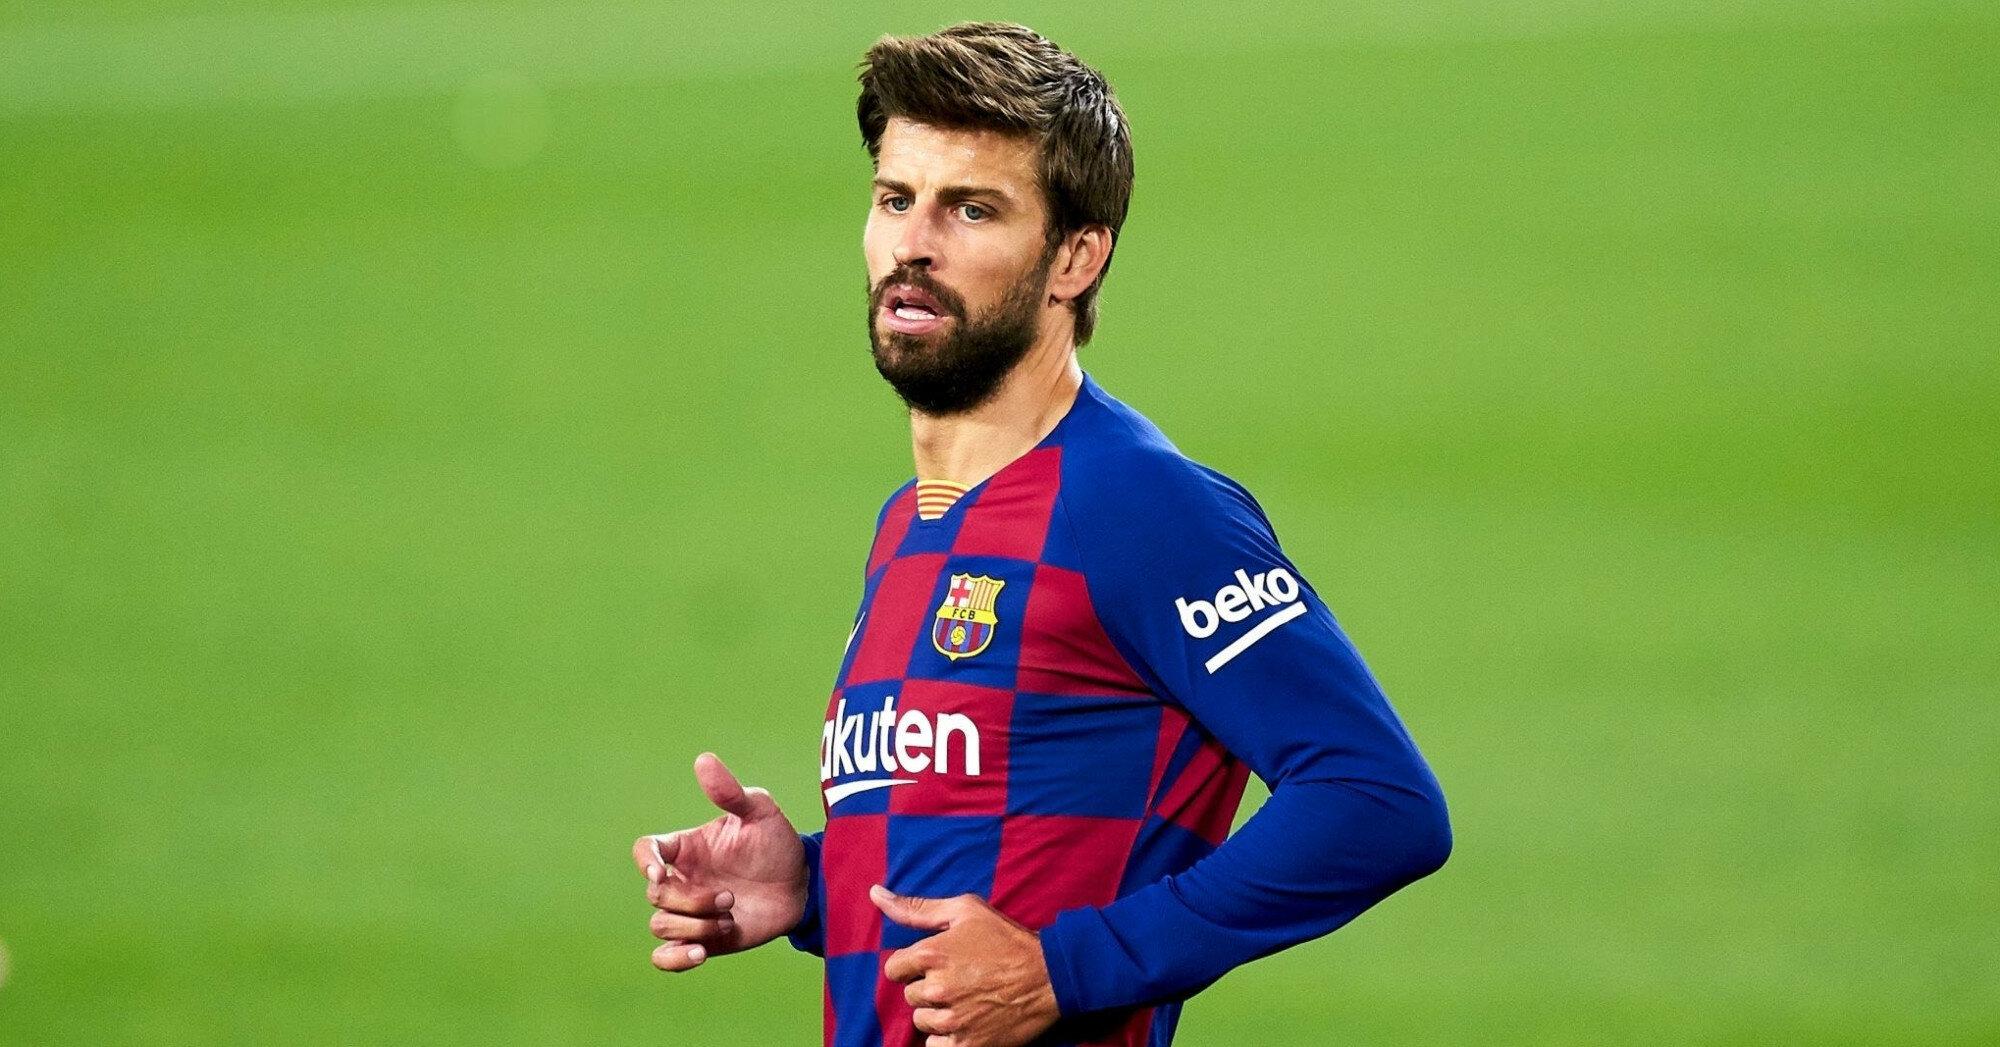 """Футболист """"Барселоны"""" согласился на понижение зарплаты ради новичков клуба"""